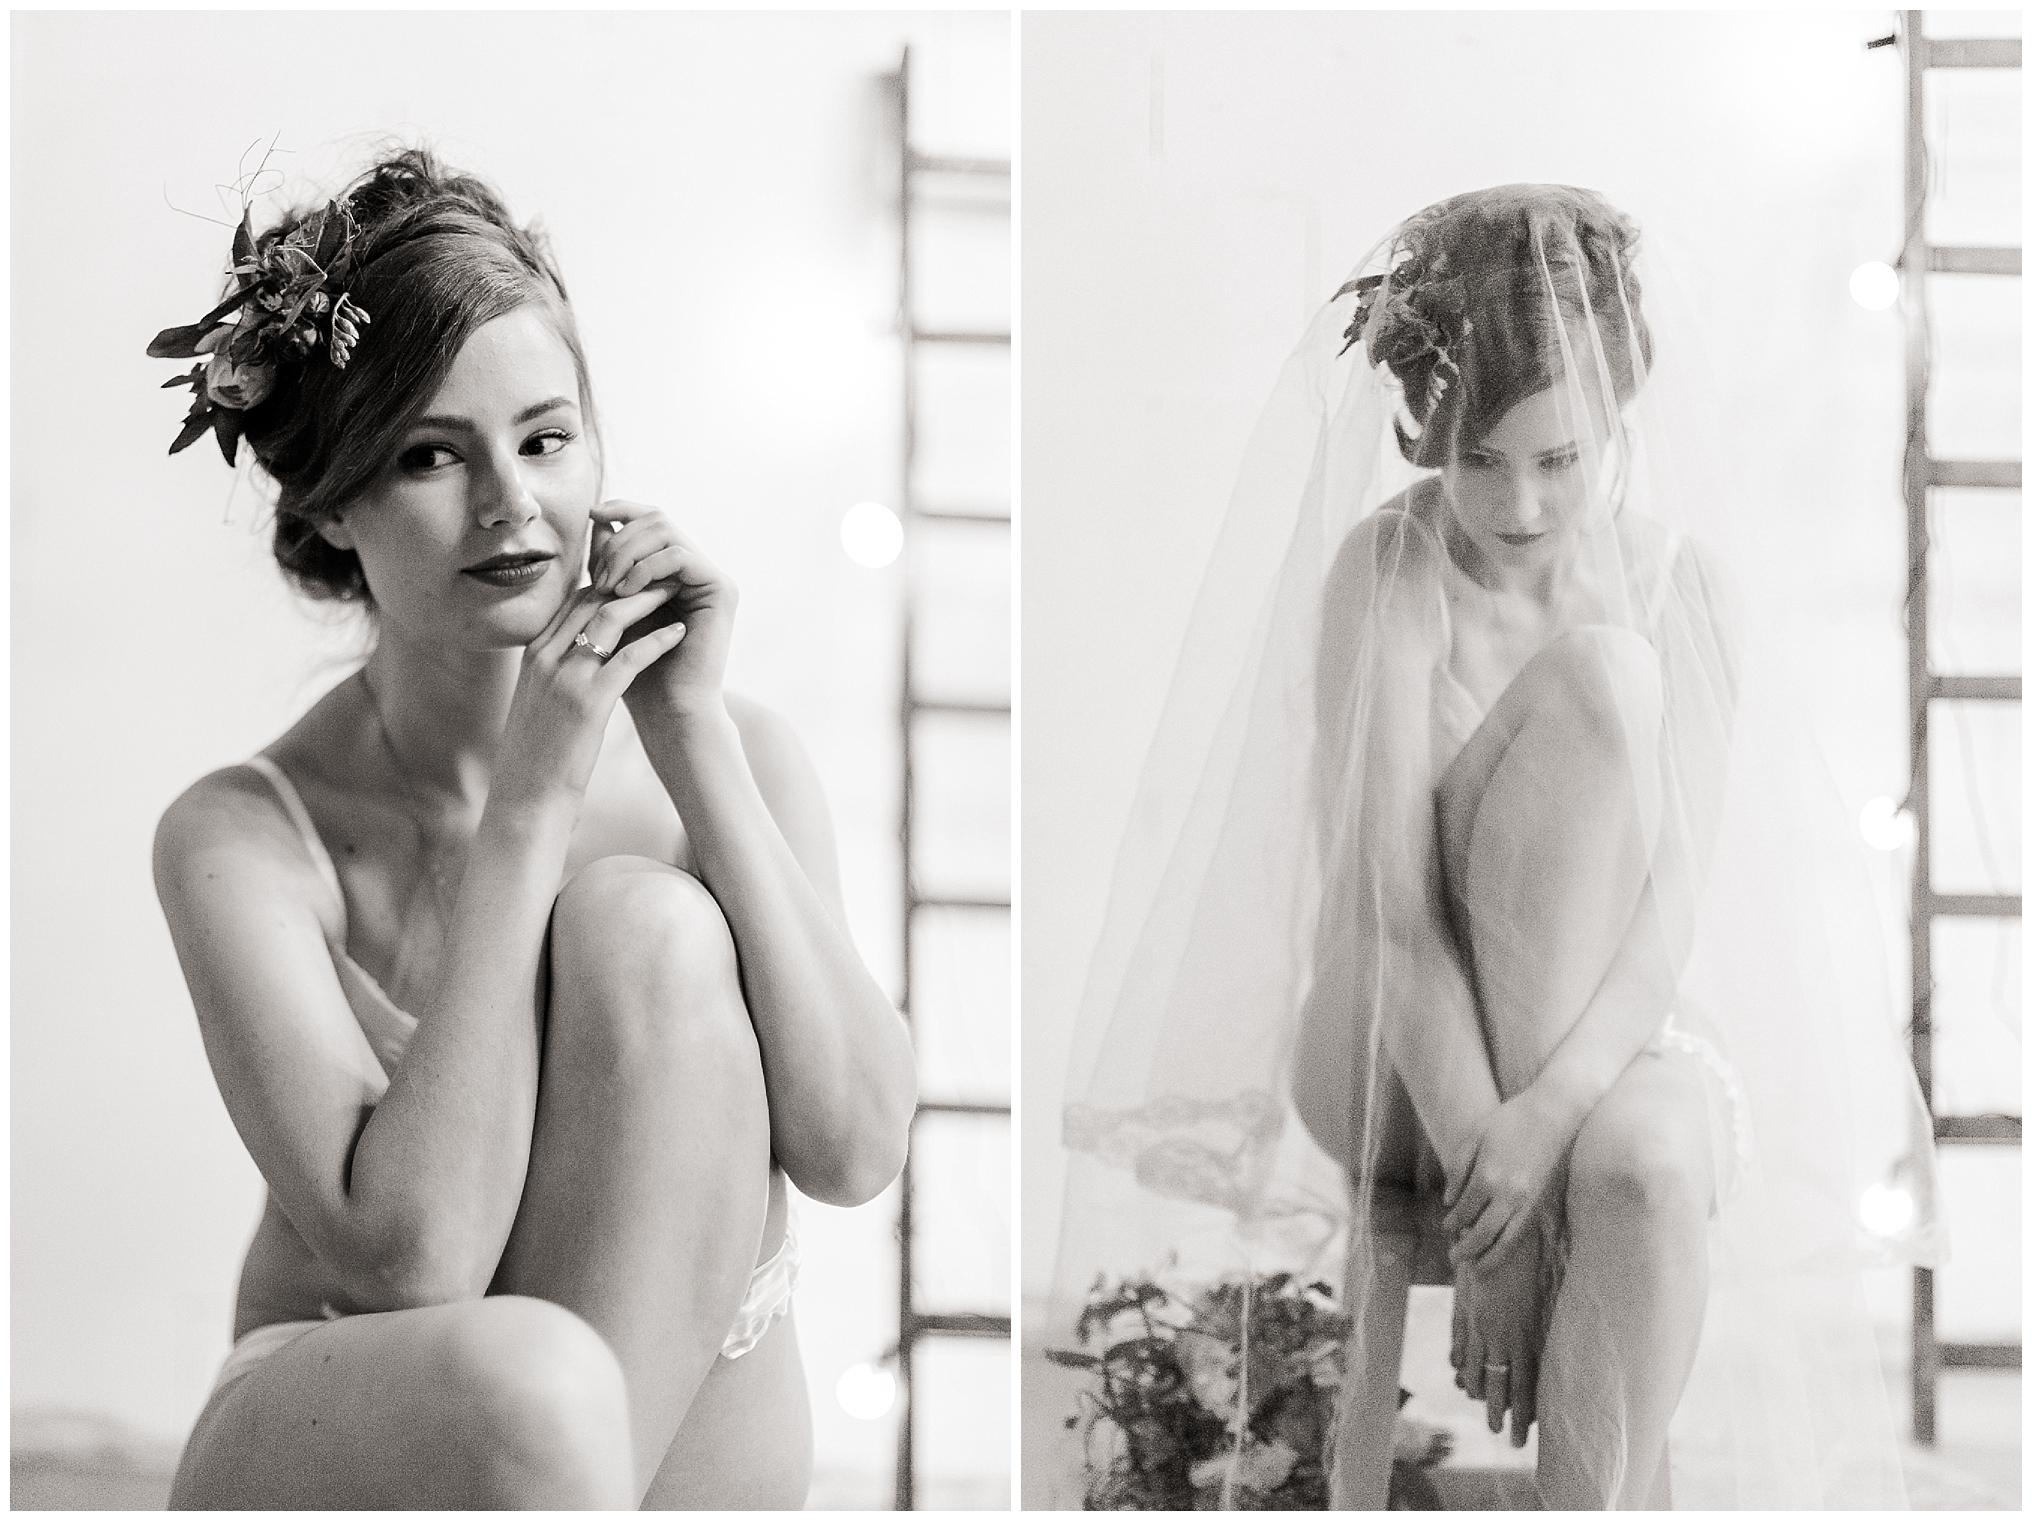 bridal boudoir Düsseldorf dessousshooting sinnliche portraits boudoirshooting Ruhrgebiet jane weber